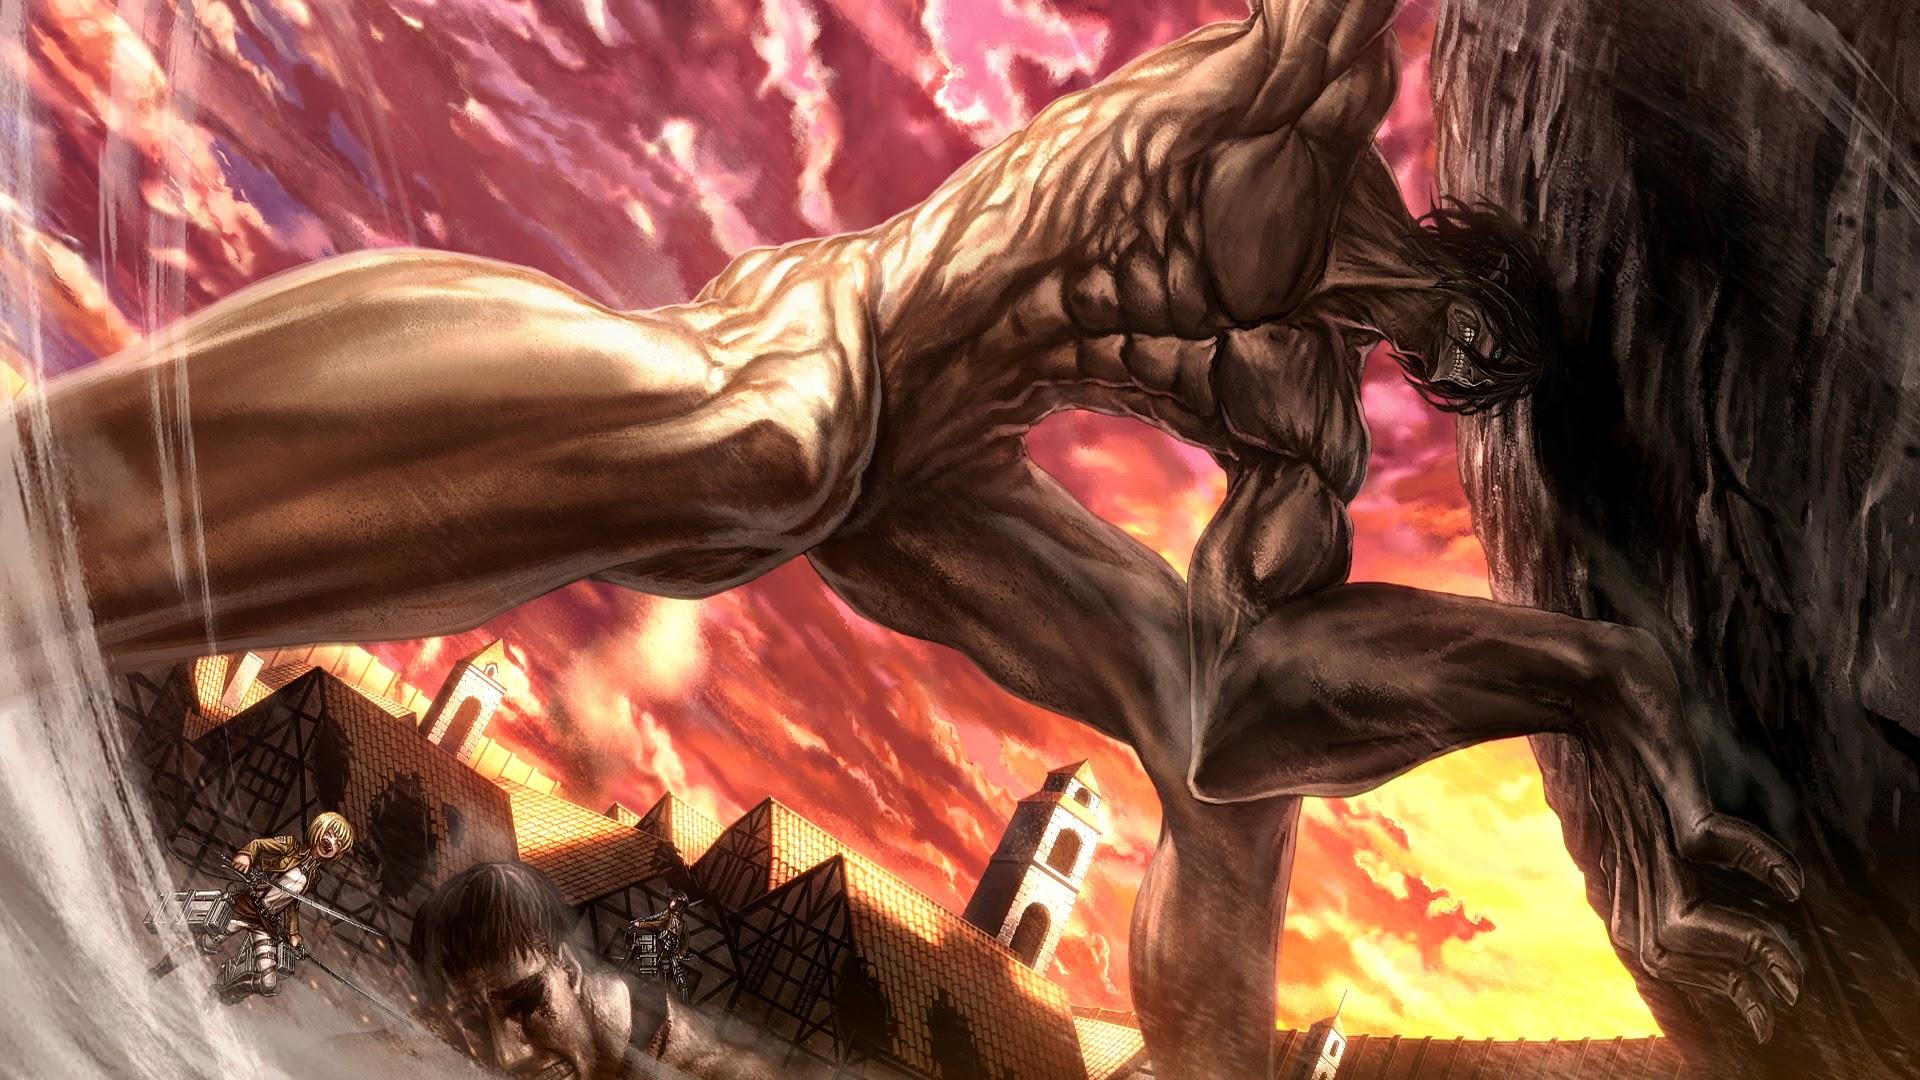 Wallpaper Anime Rogue Titan Attack On Titan Shingeki No